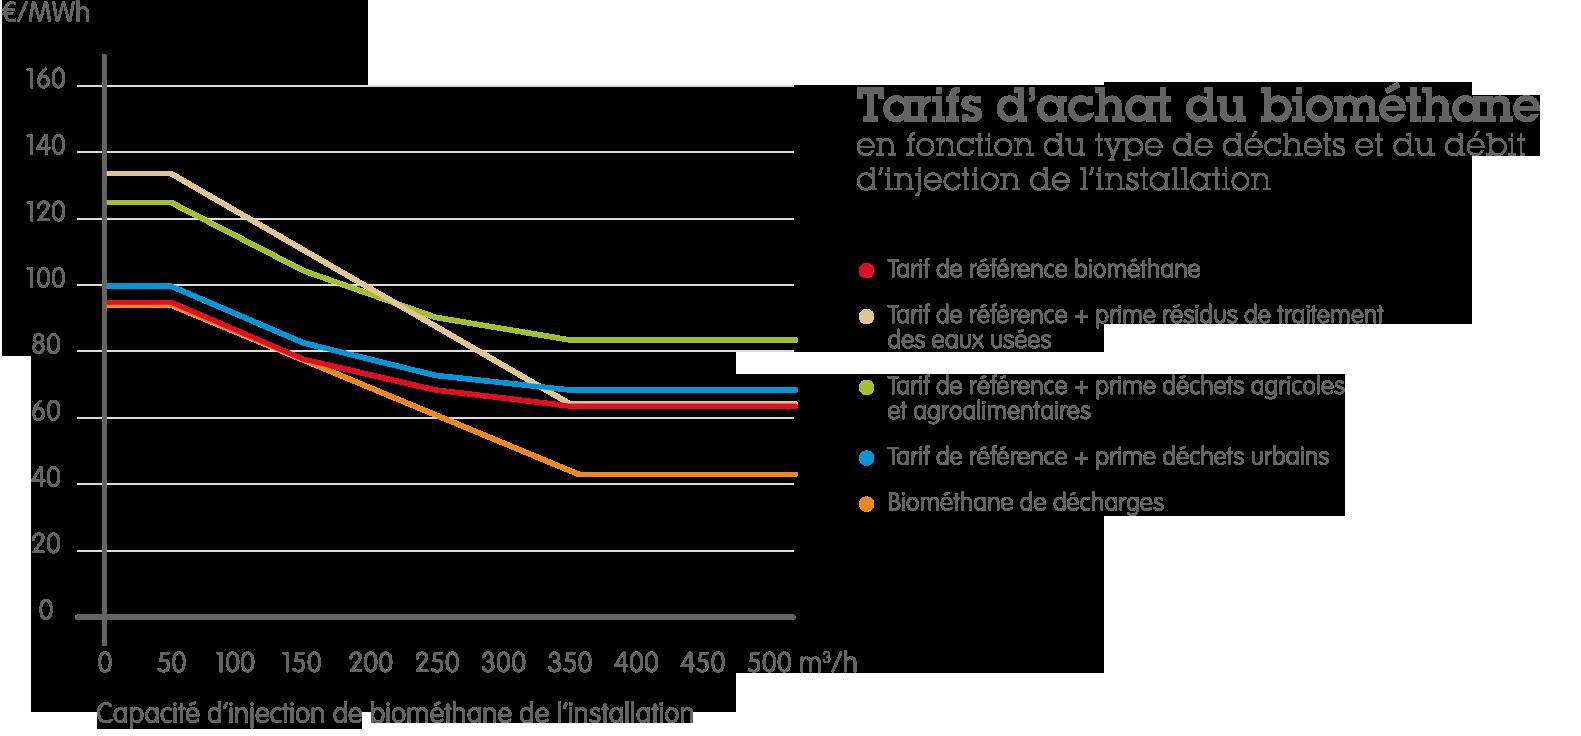 tarifs achat biomethane